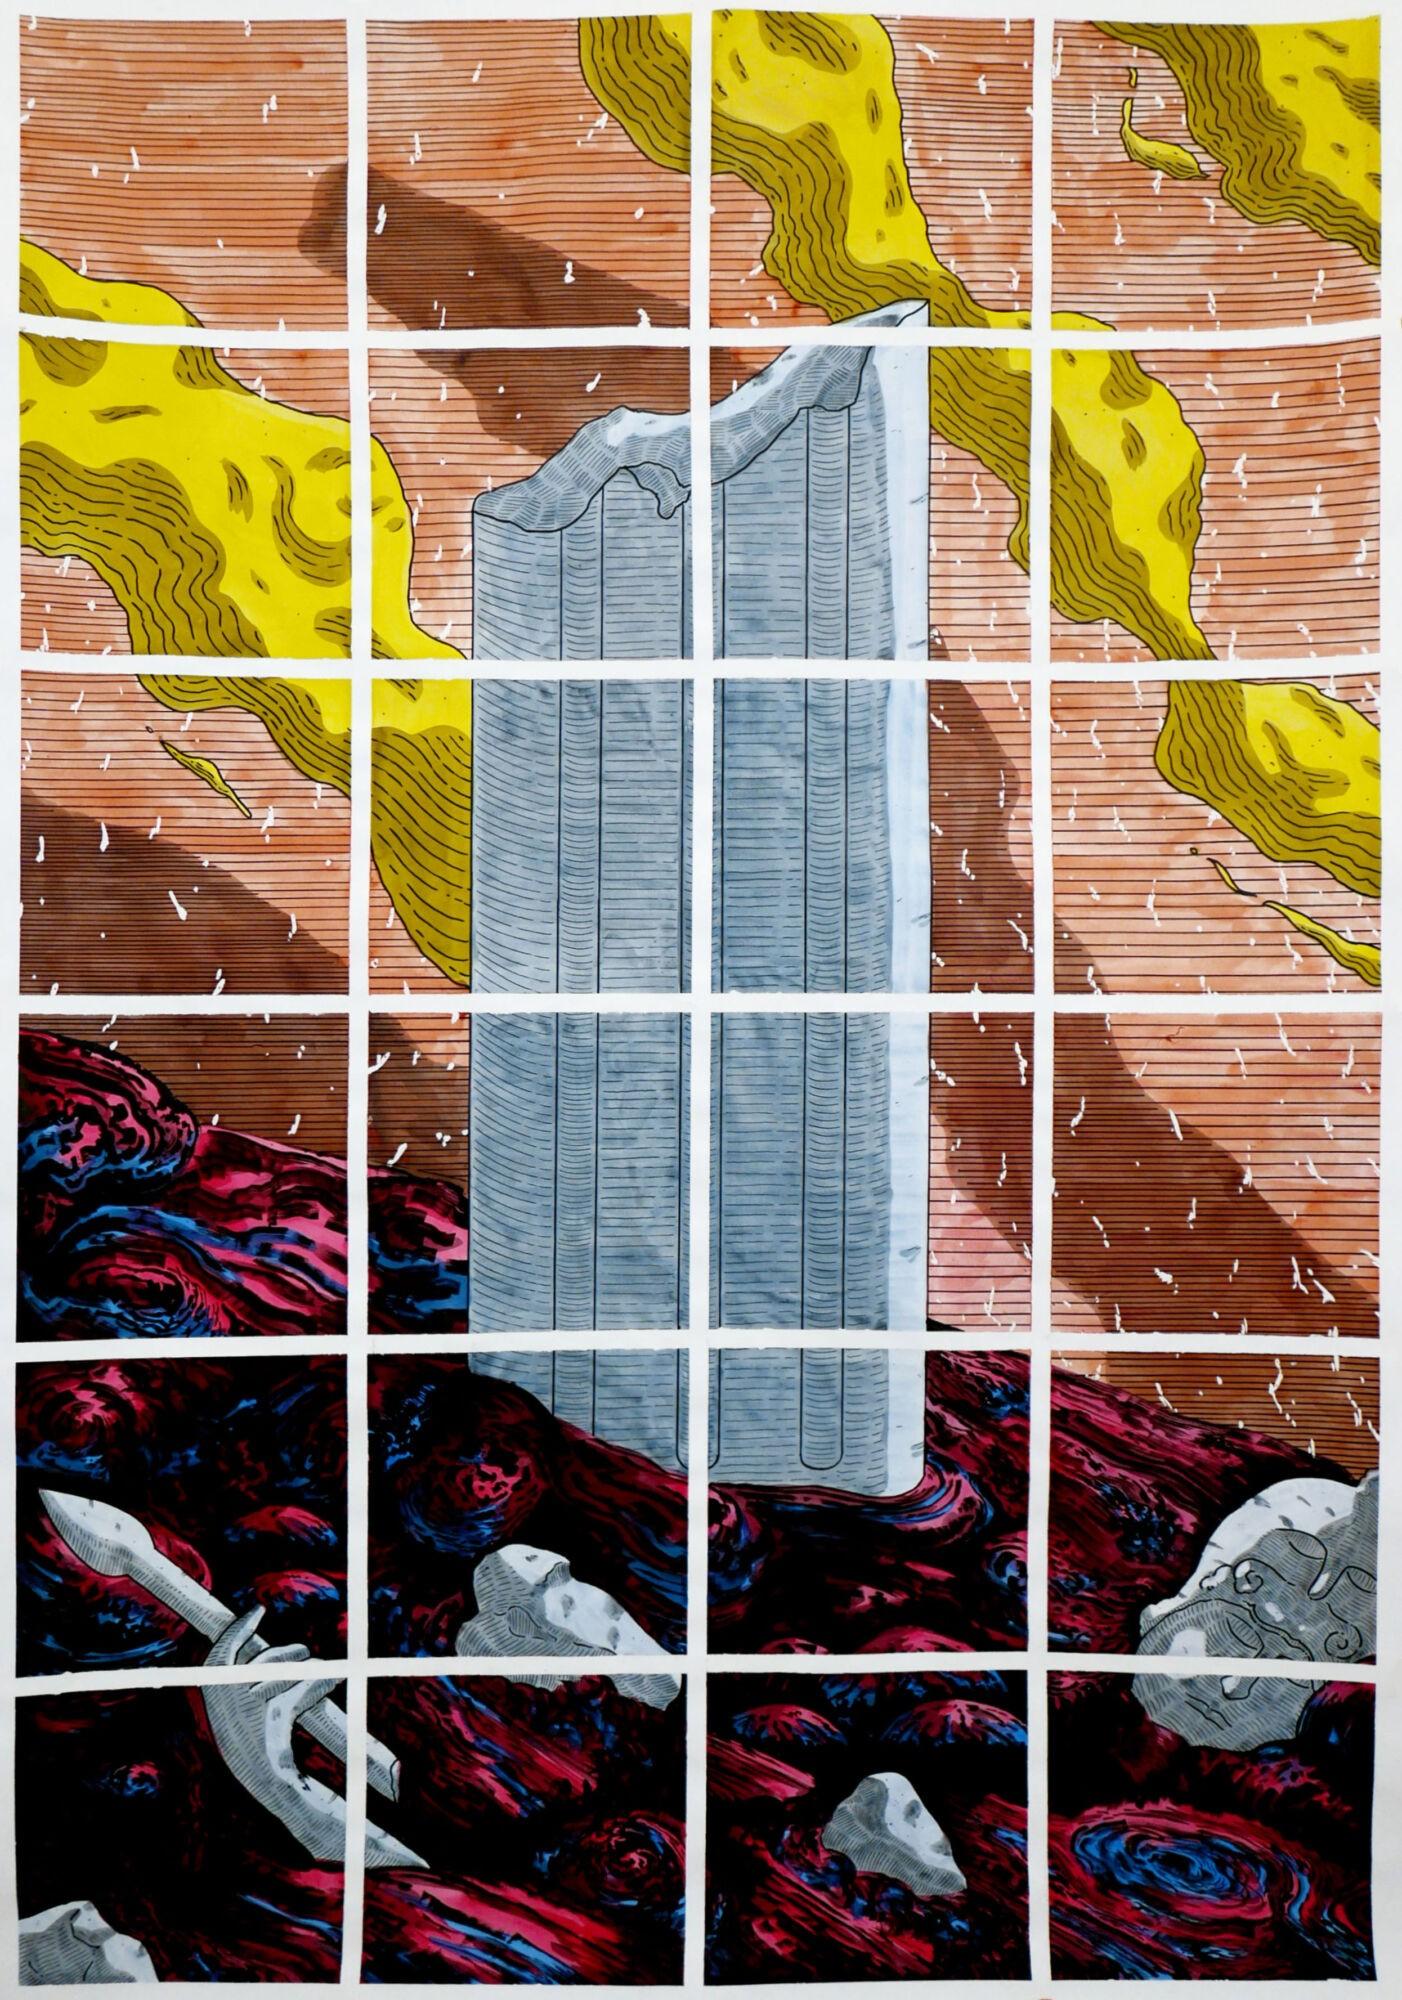 Jimmy Richer, Entropia, feutre noir, encres, 200 x 130 cm, 2020